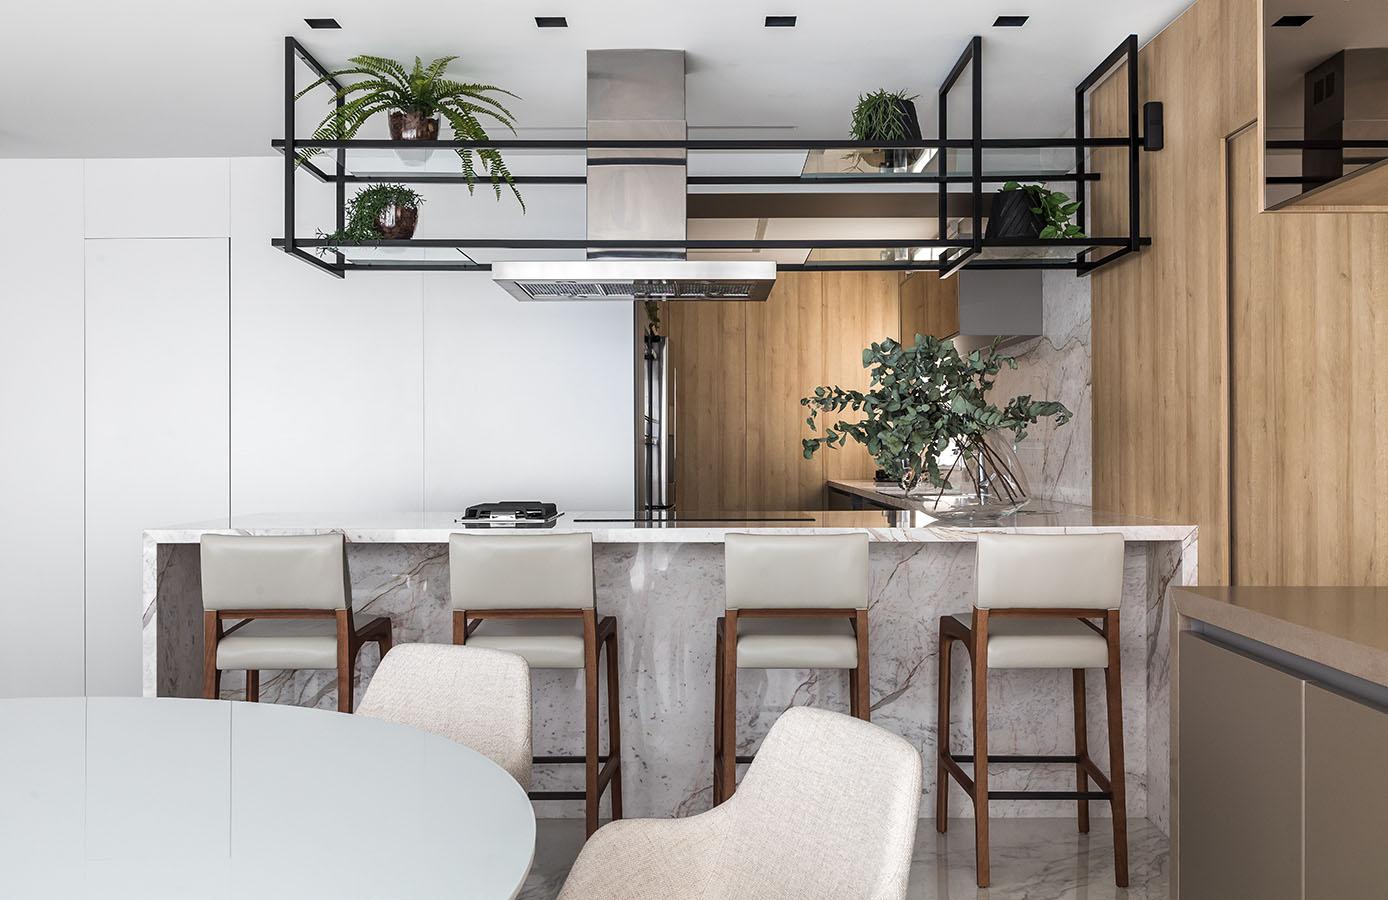 Arquiteto_Curitiba_Arquiteta_AlessandraGandolfi_Residência_TD_Interiores_8